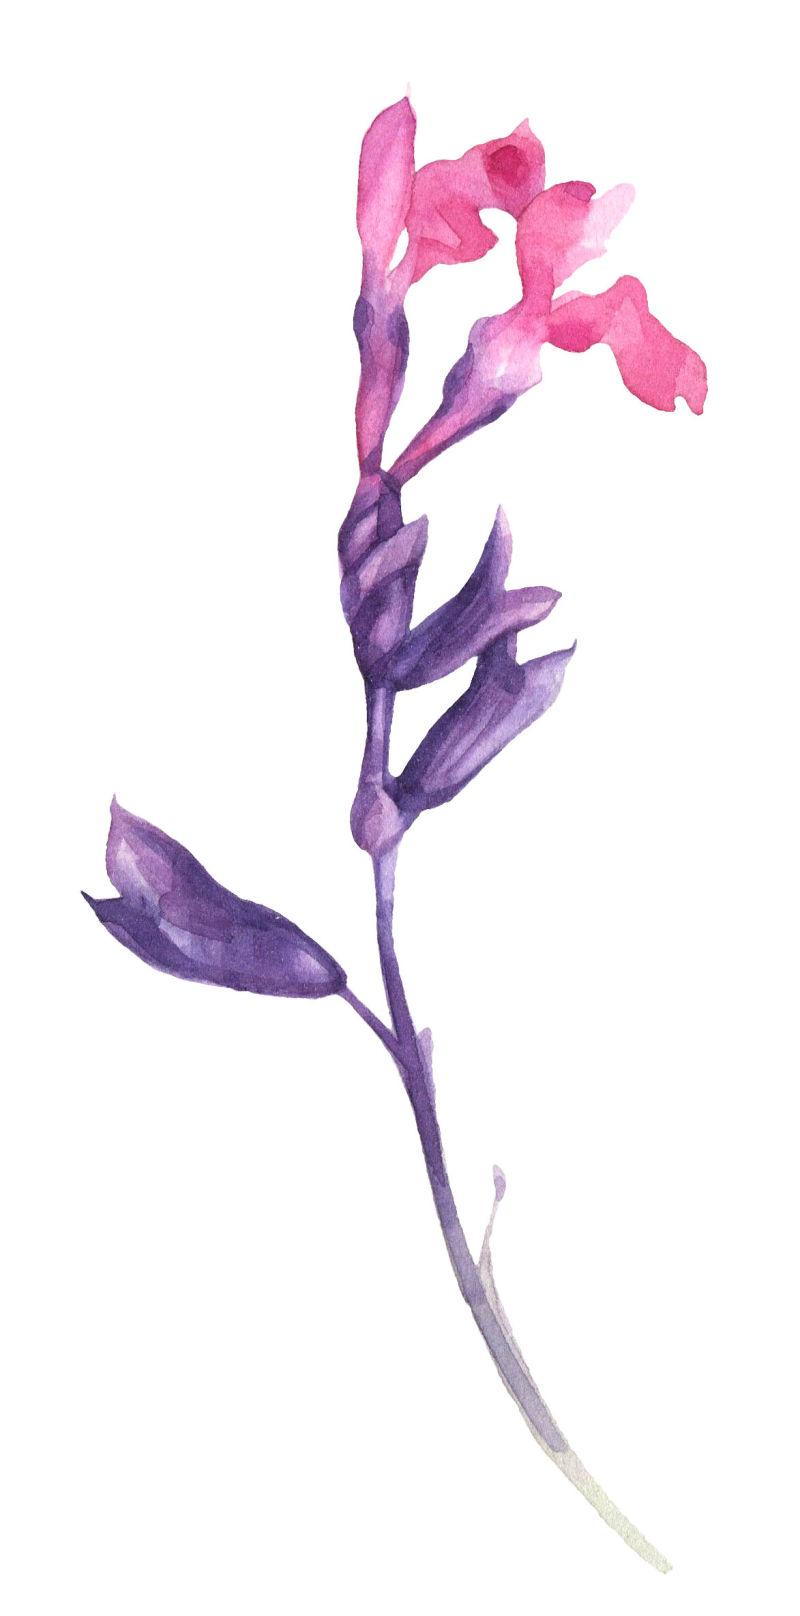 矢量开着花朵的花枝